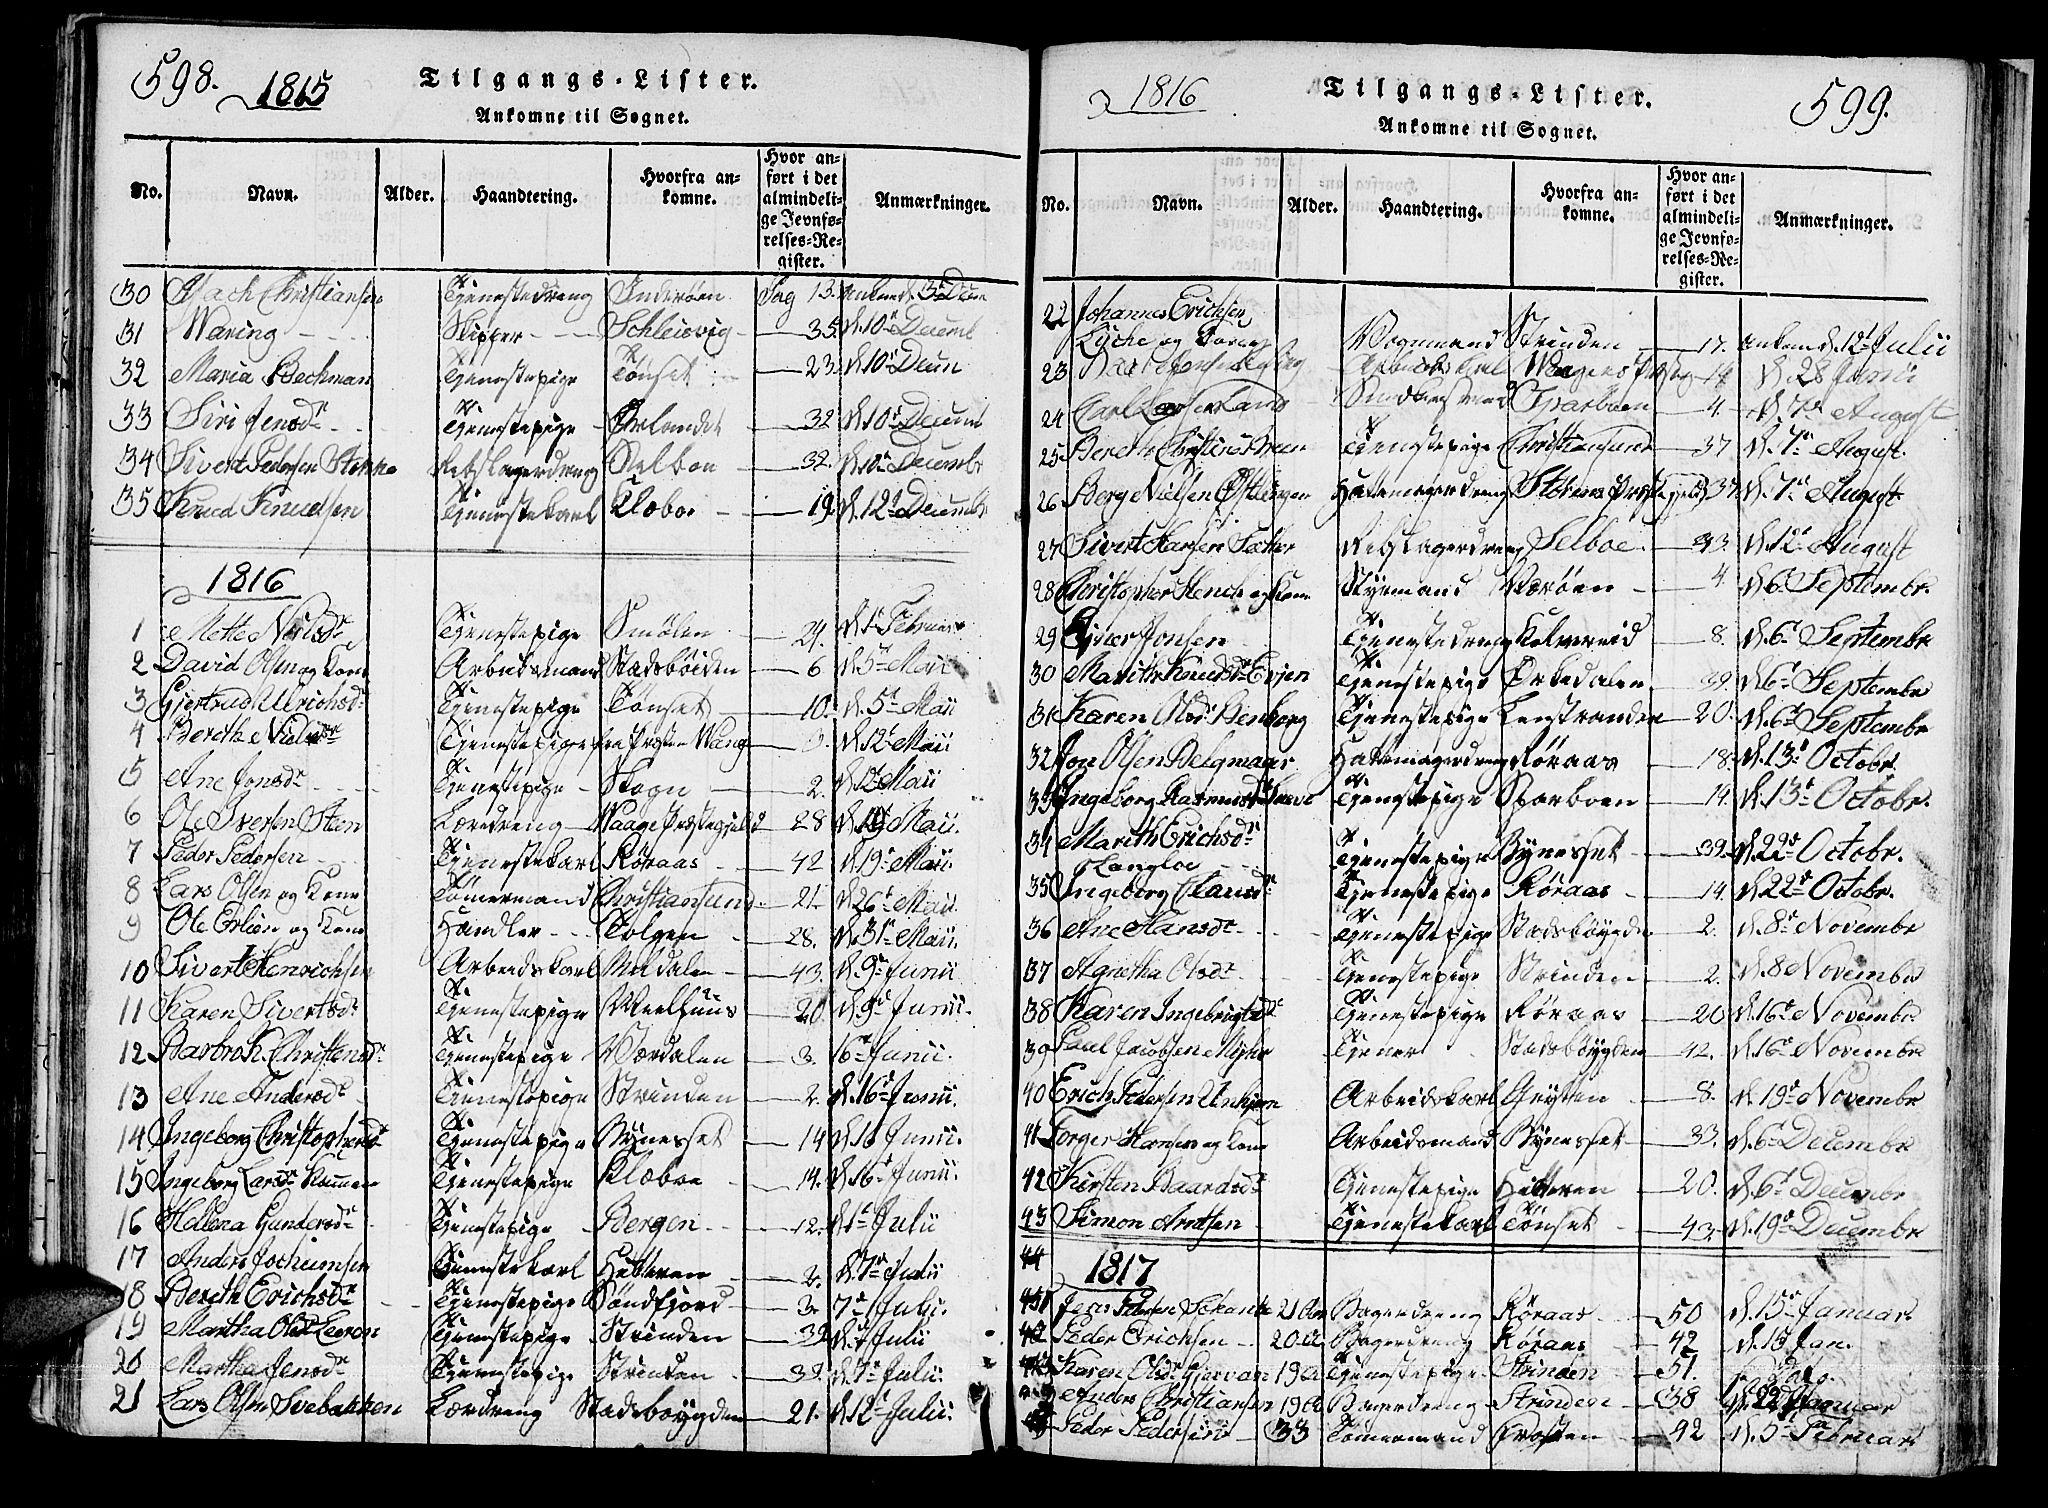 SAT, Ministerialprotokoller, klokkerbøker og fødselsregistre - Sør-Trøndelag, 601/L0043: Ministerialbok nr. 601A11, 1815-1821, s. 598-599